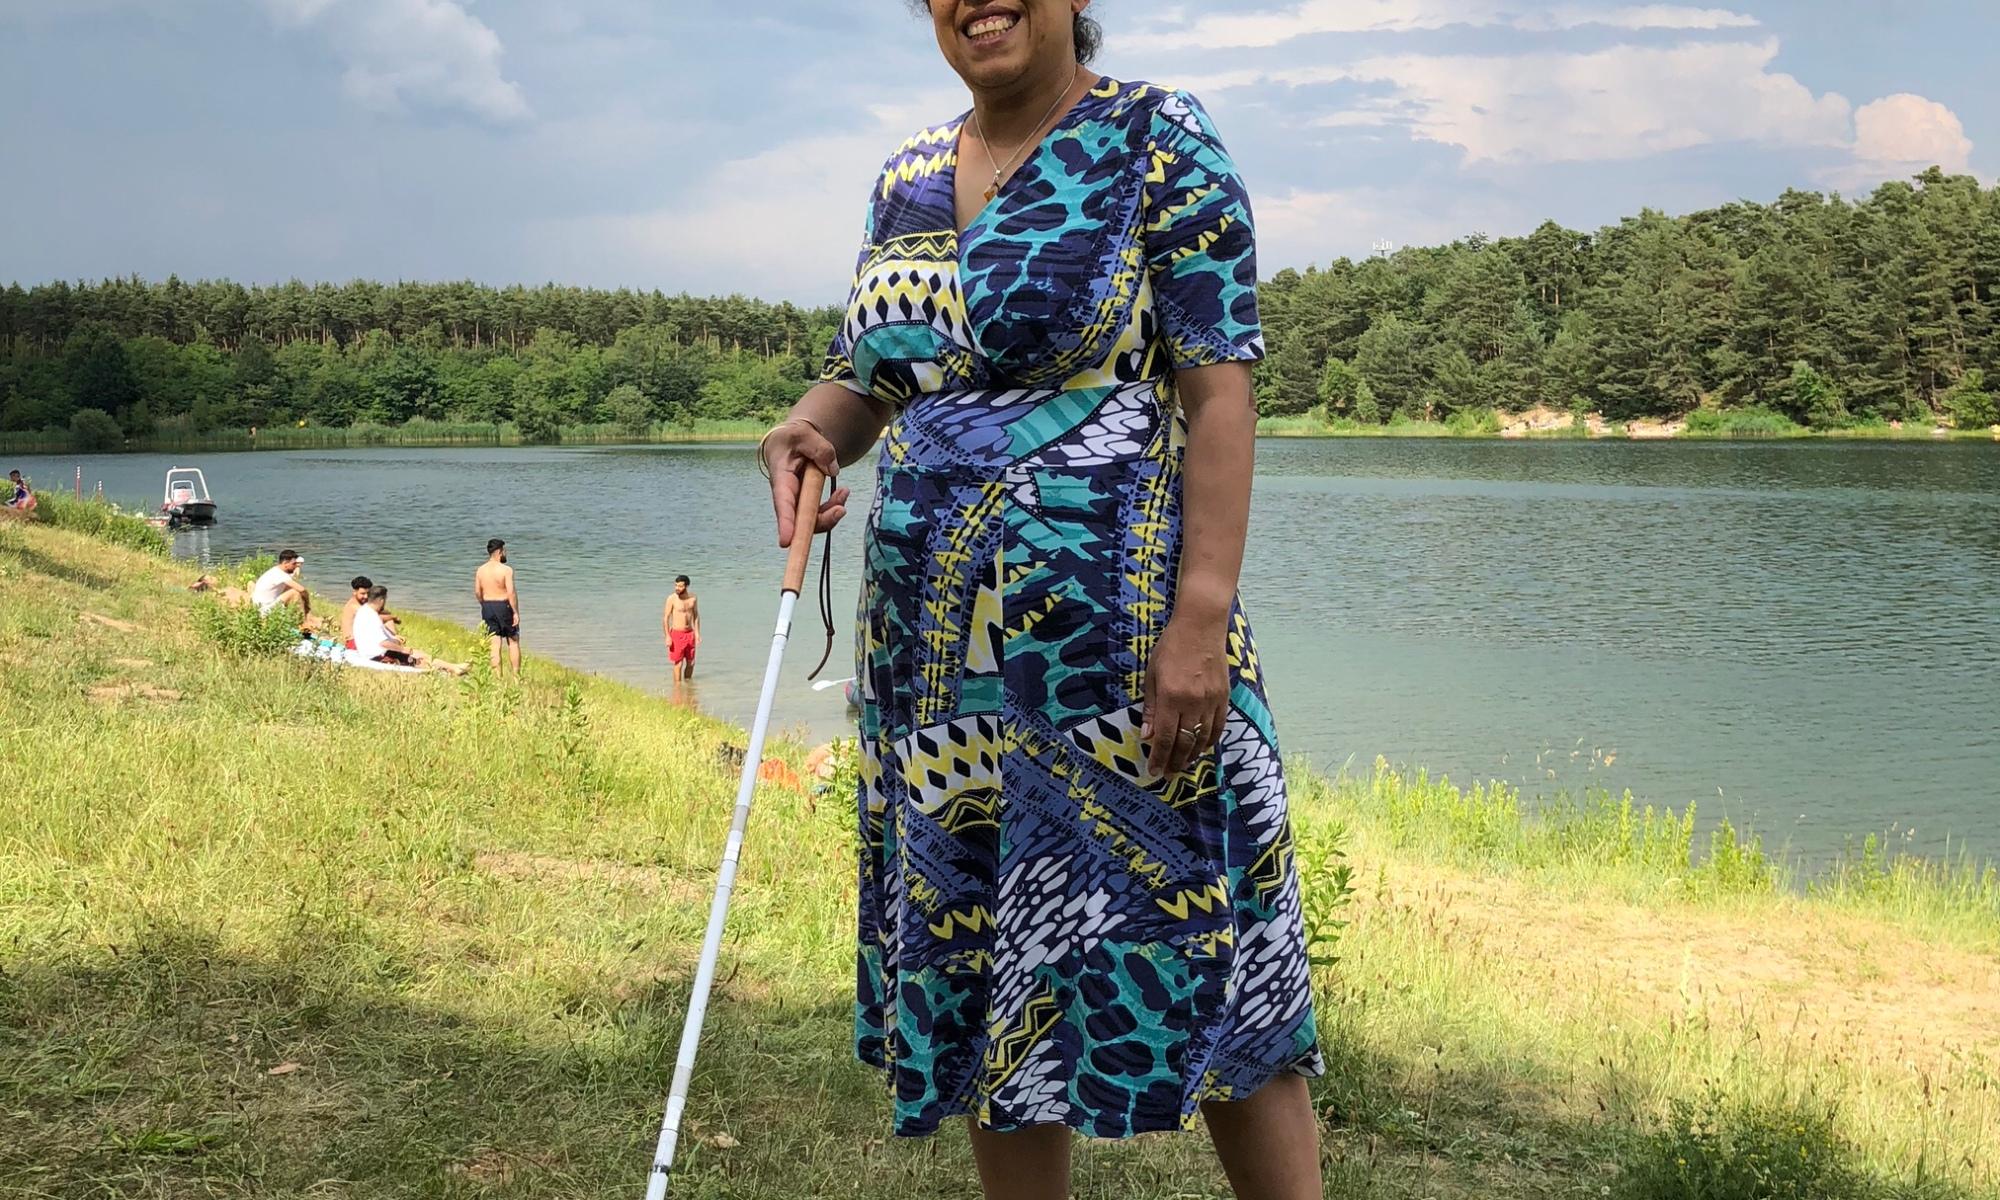 Lydia läuft lächelnd mit Blindenstock an einem See entlang.